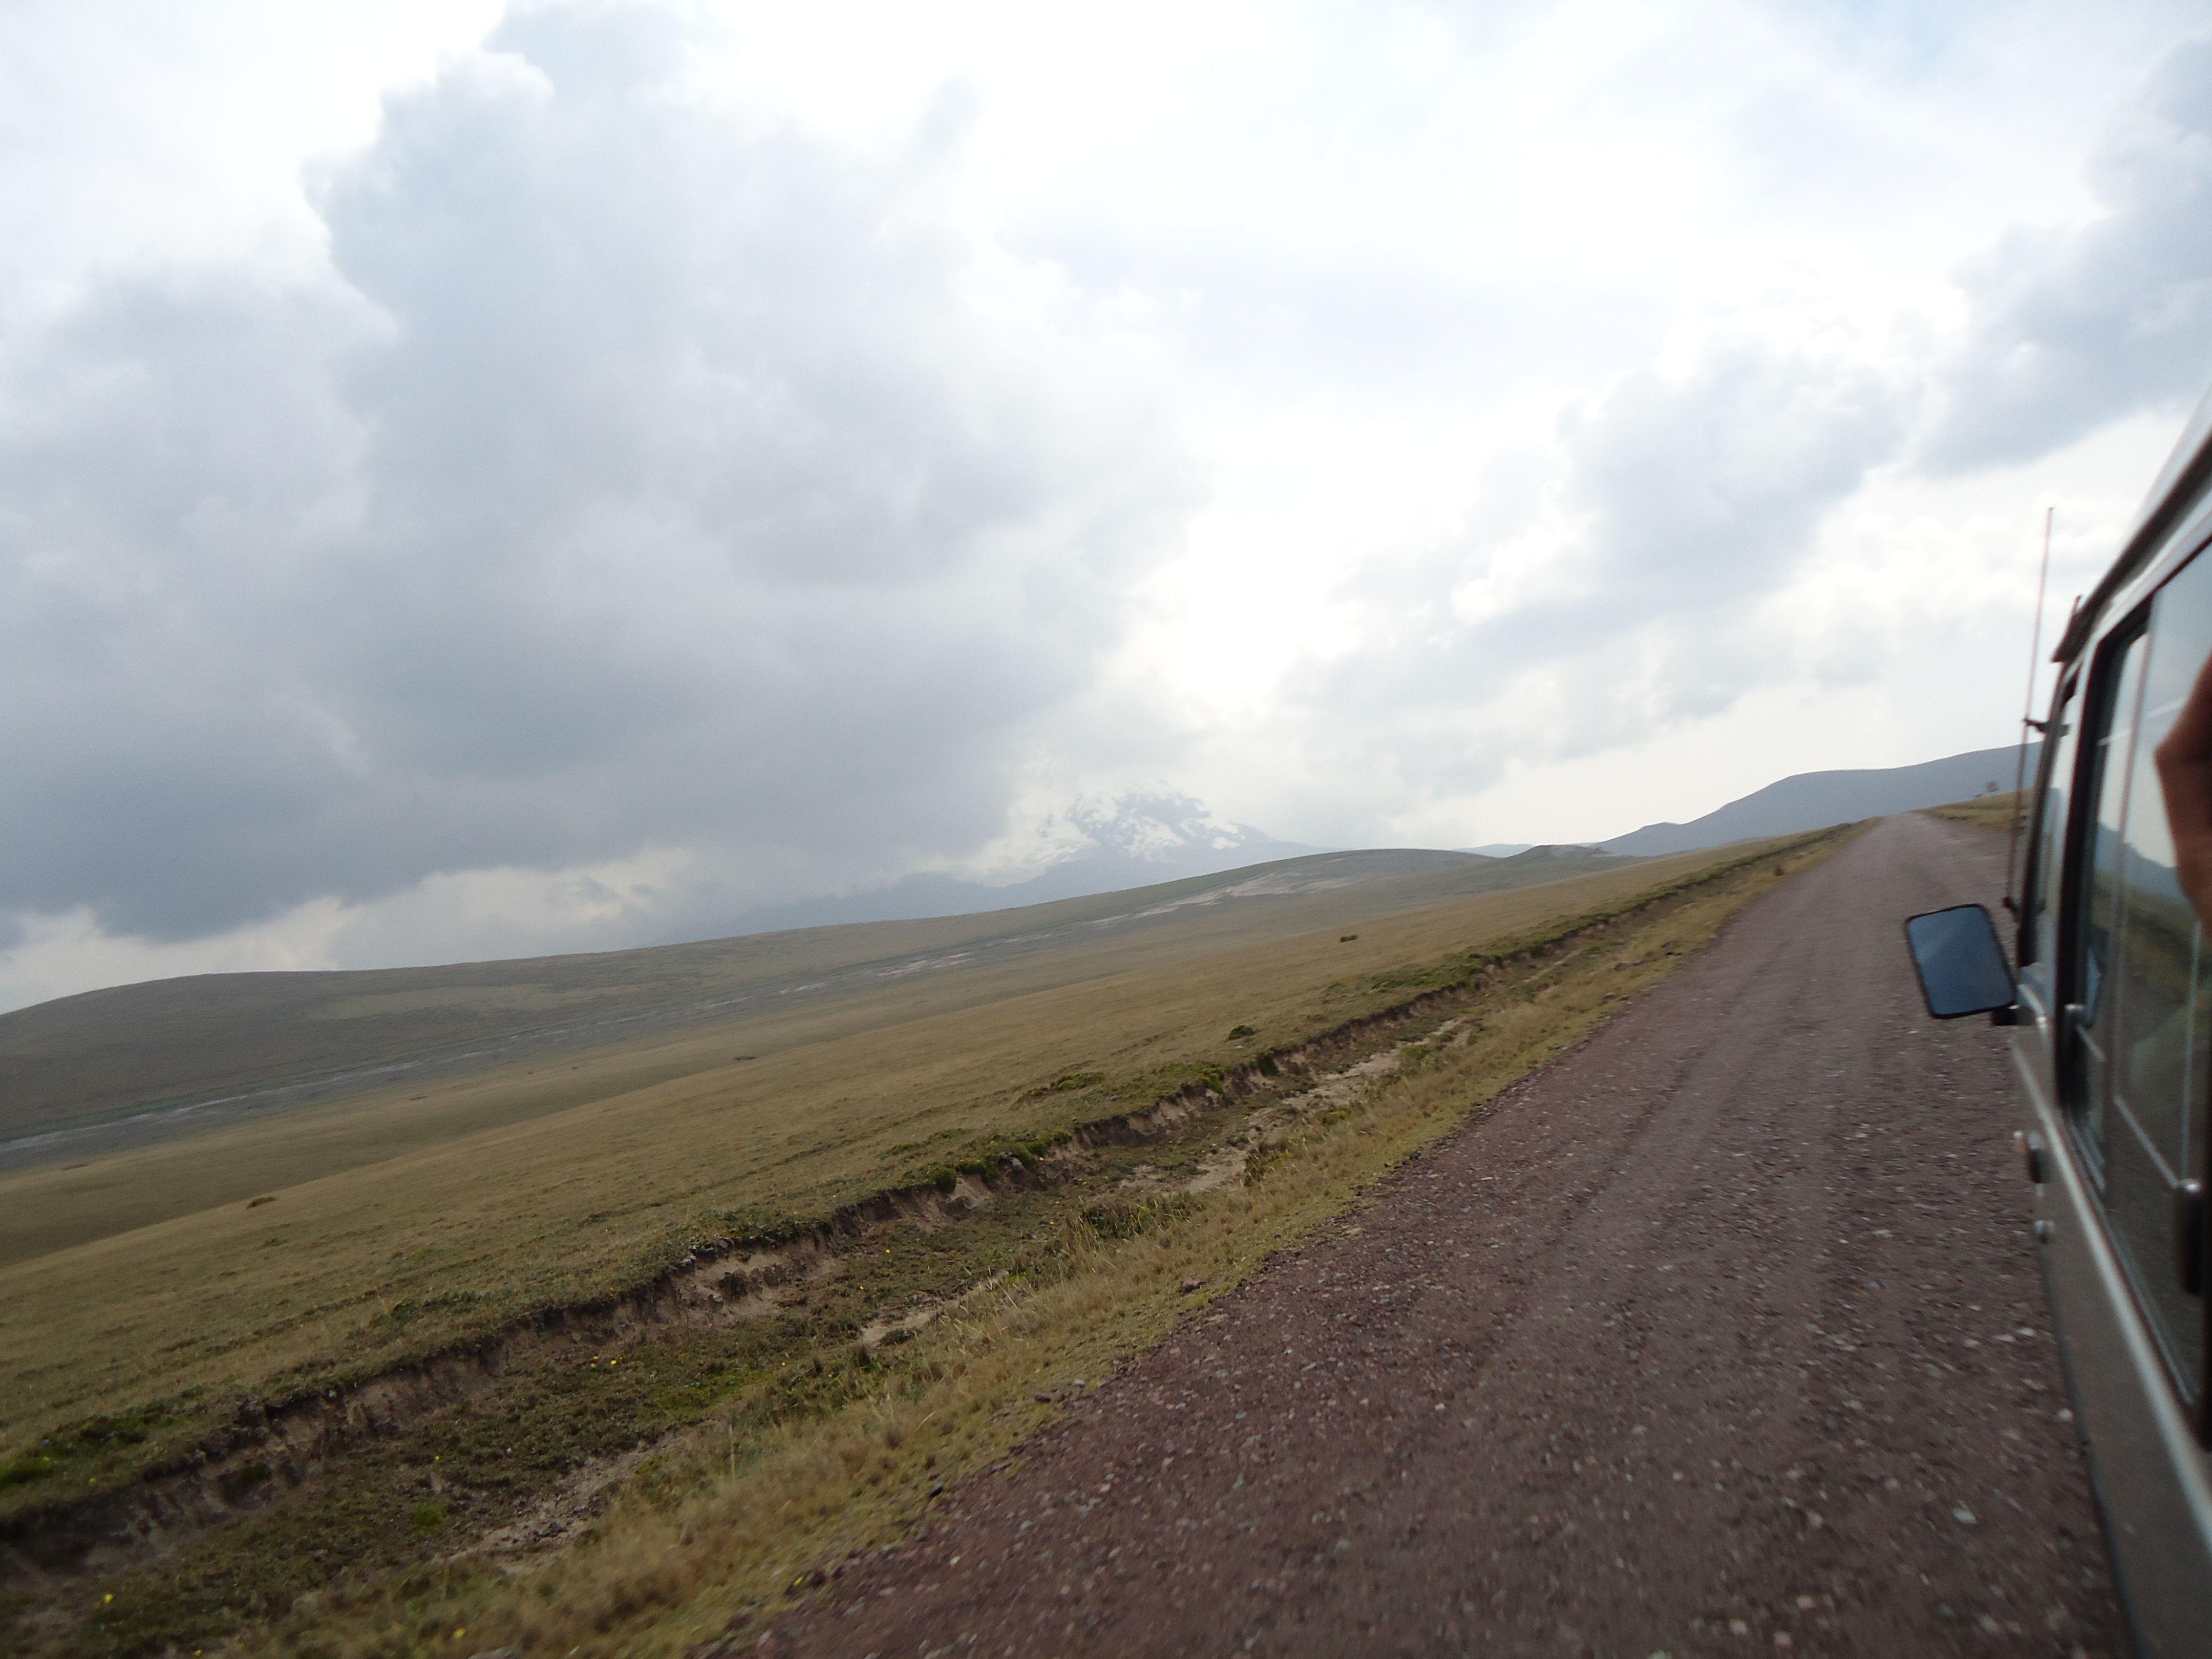 De camino hacia algún lugar...solo viajemos!!!